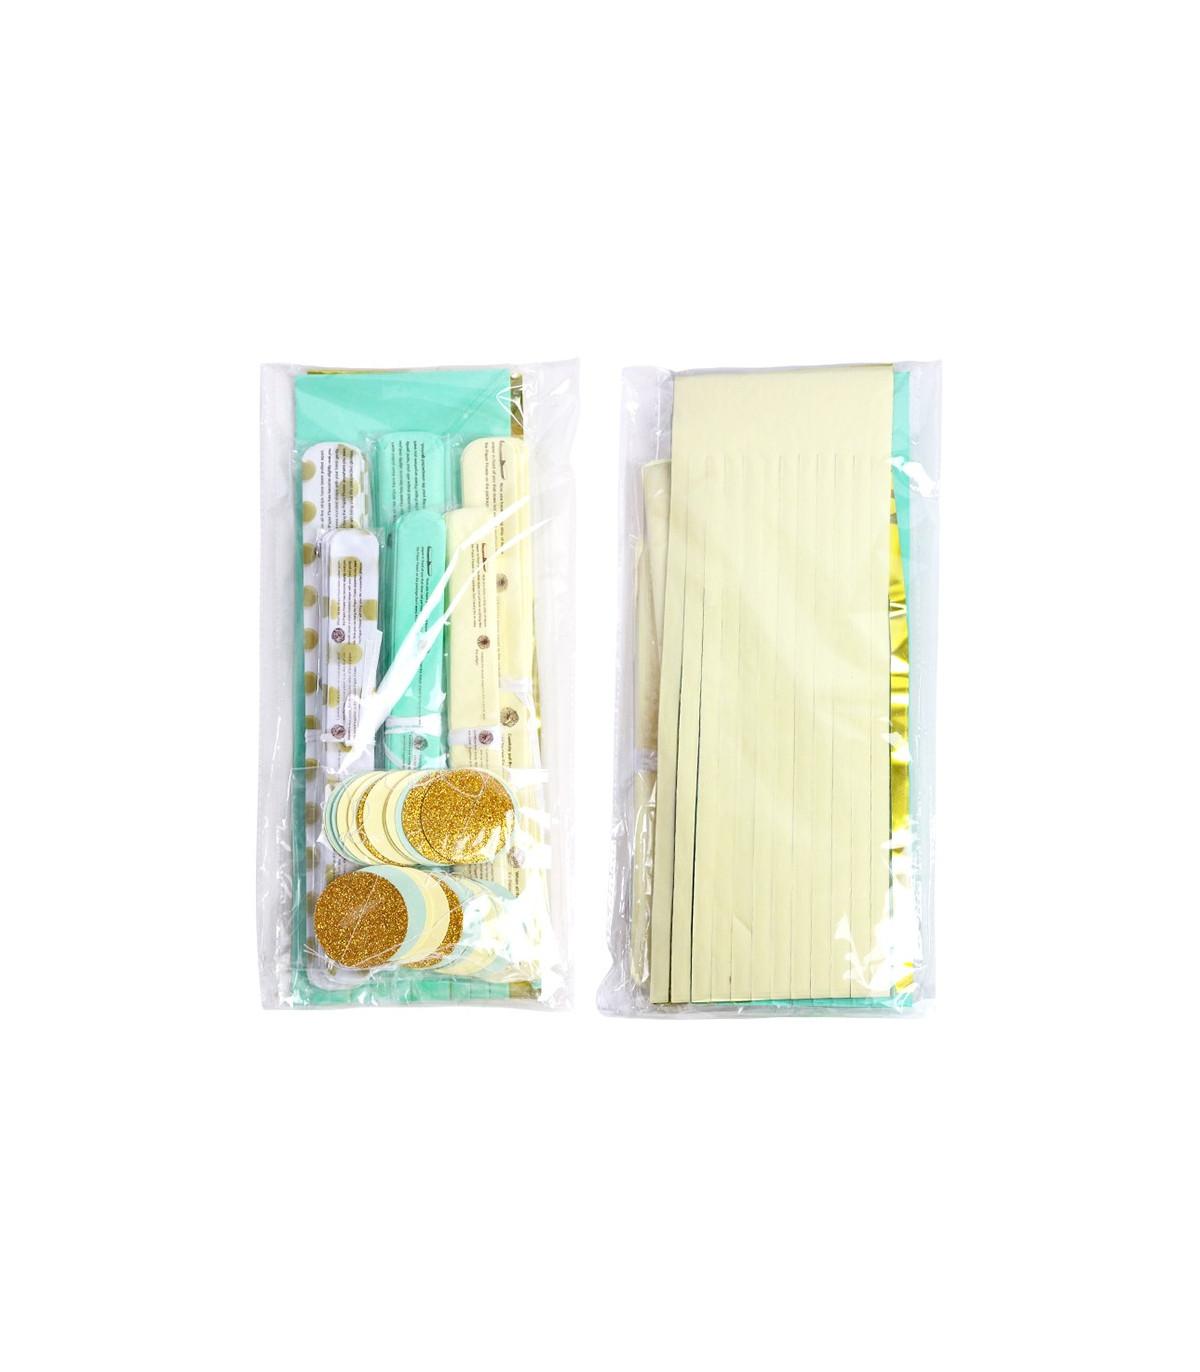 kit deco 20pcs cr me bleu pastel or pompom lampion guirlande couleur multicouleur. Black Bedroom Furniture Sets. Home Design Ideas